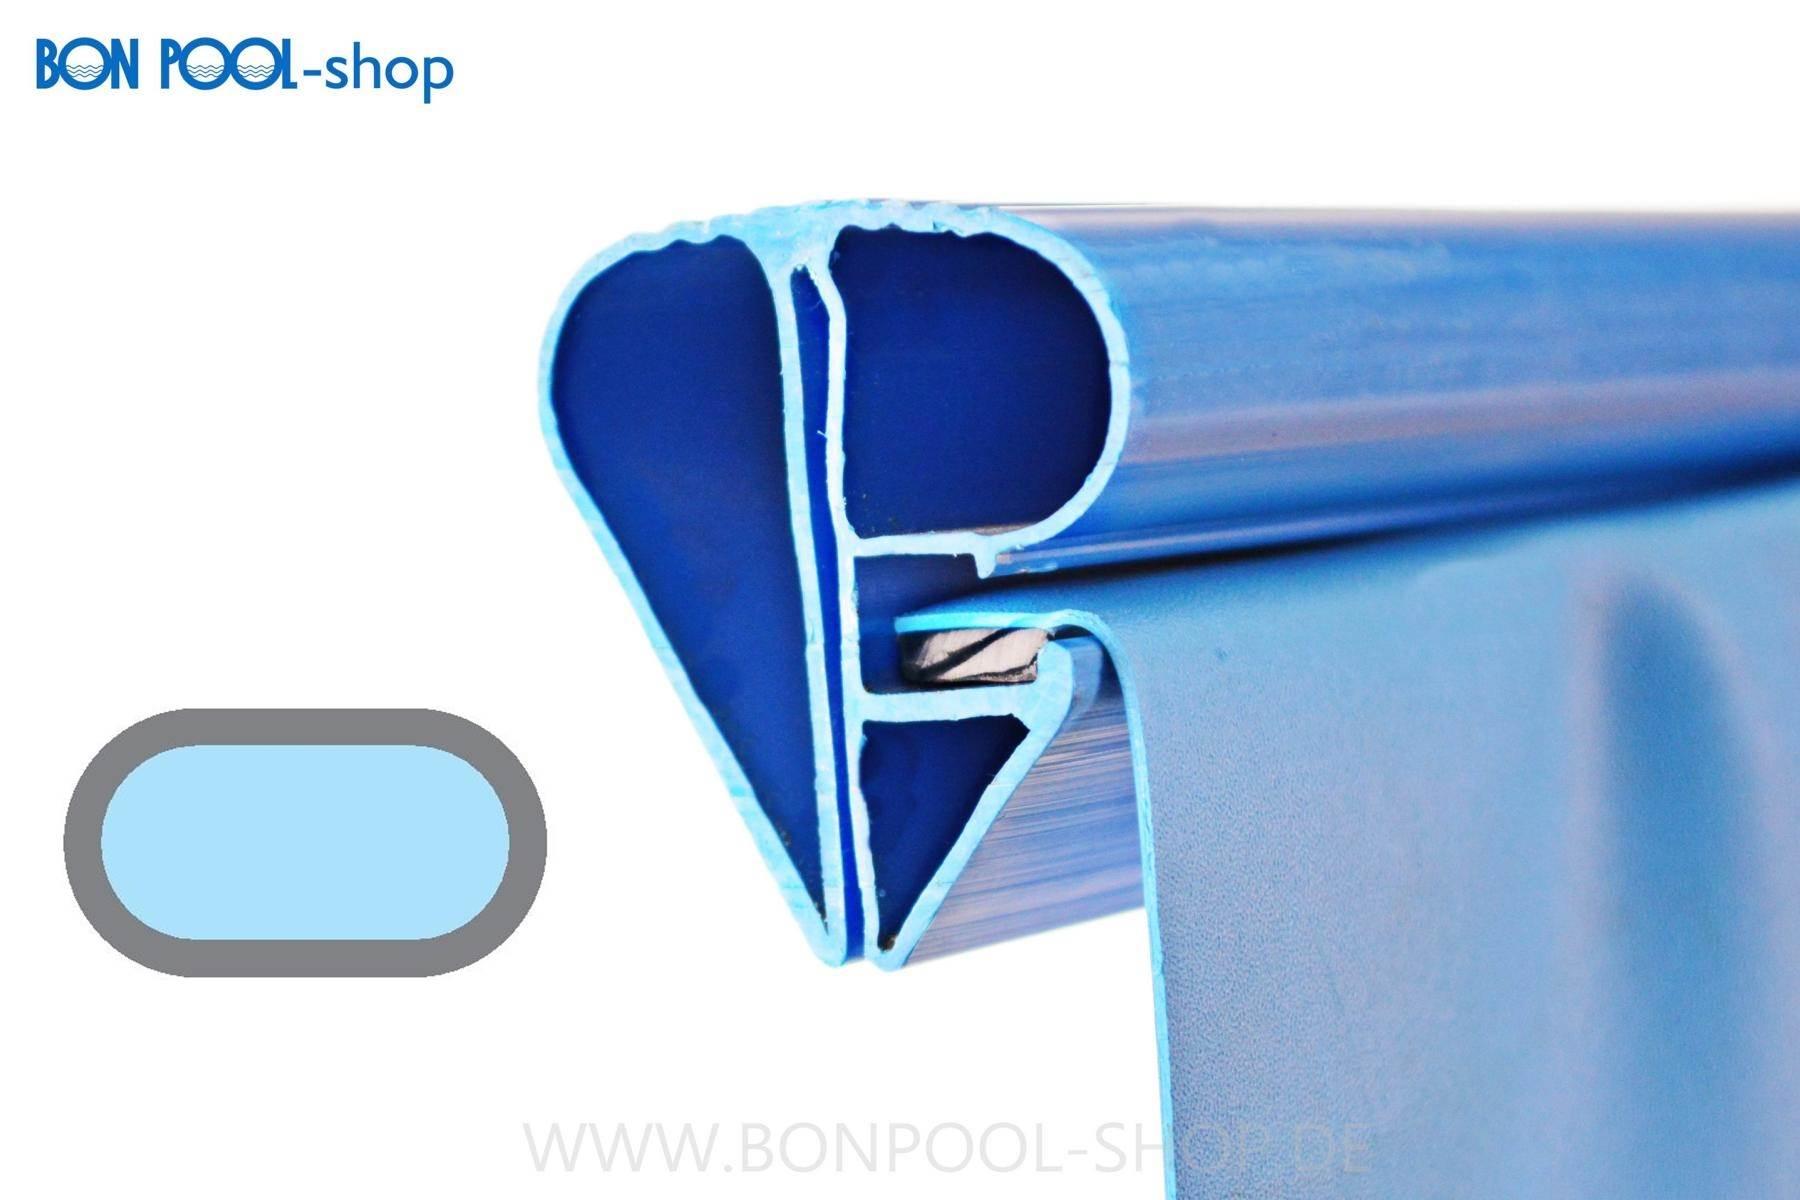 Swimmingpool ersatzfolie oval blau mit bise bon pool for Ersatzfolie pool rund